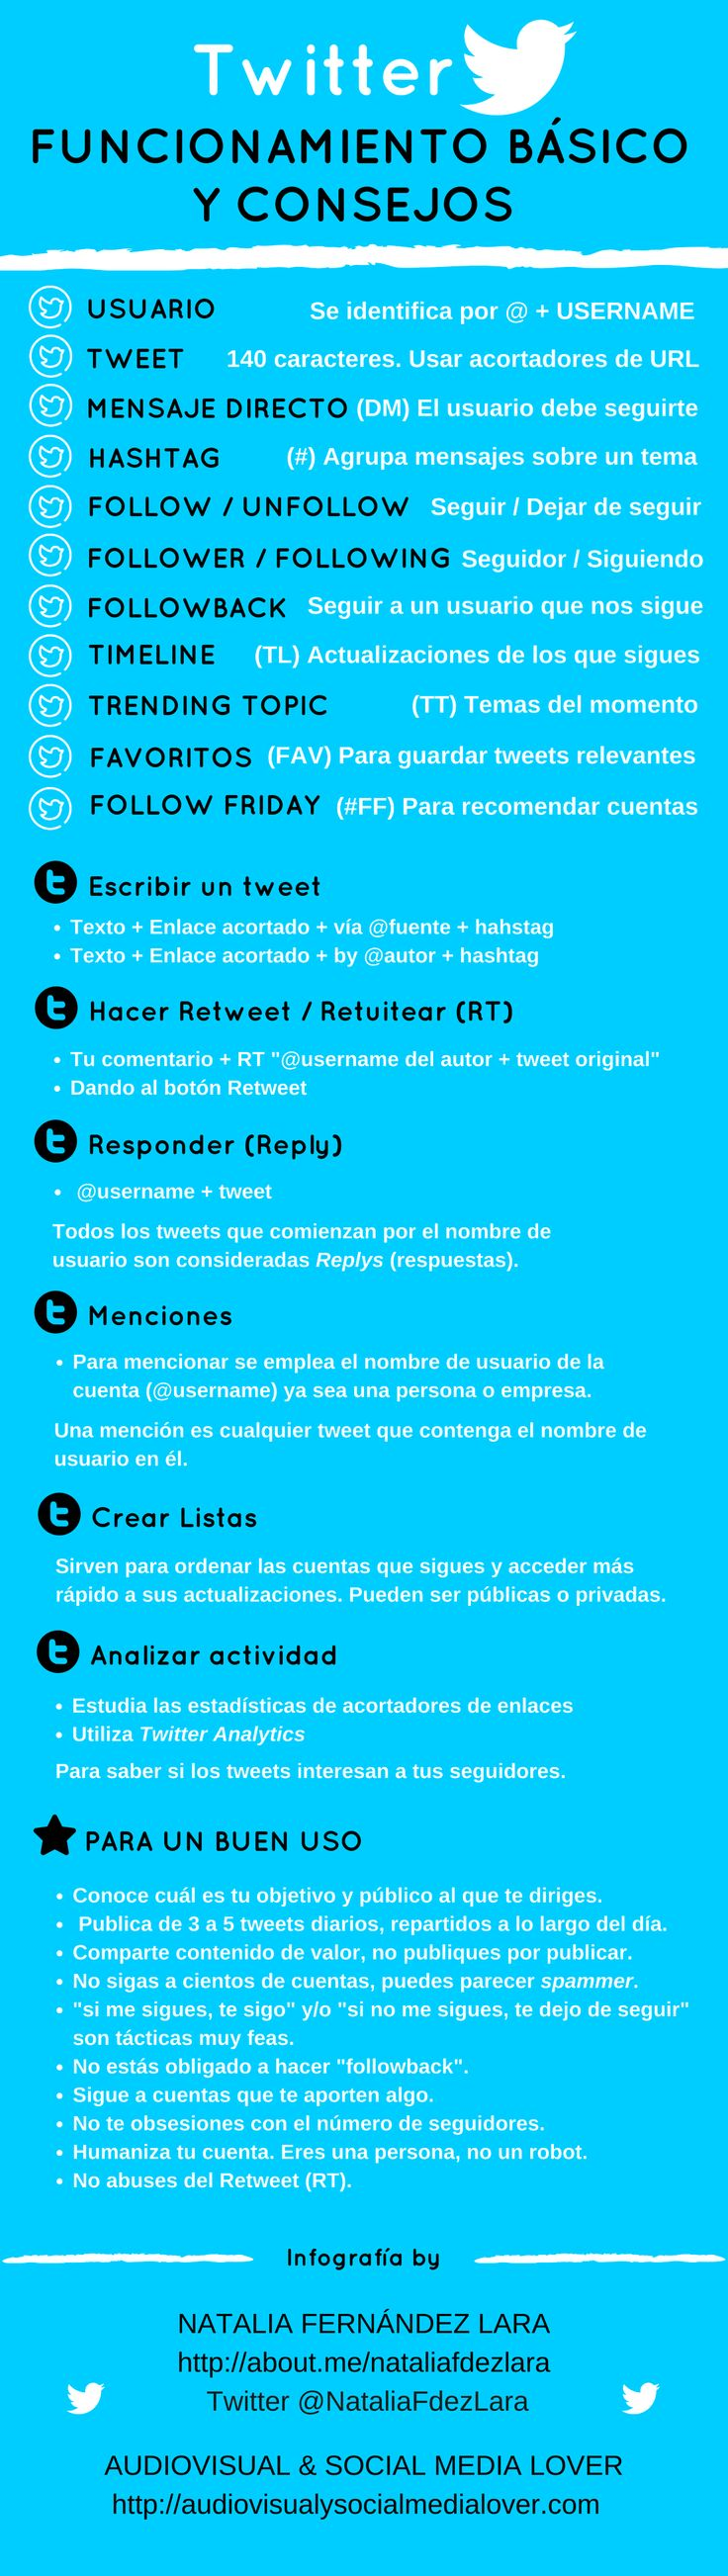 Infografía Twitter: funcionamiento básico y consejos #Twitter #RedesSociales